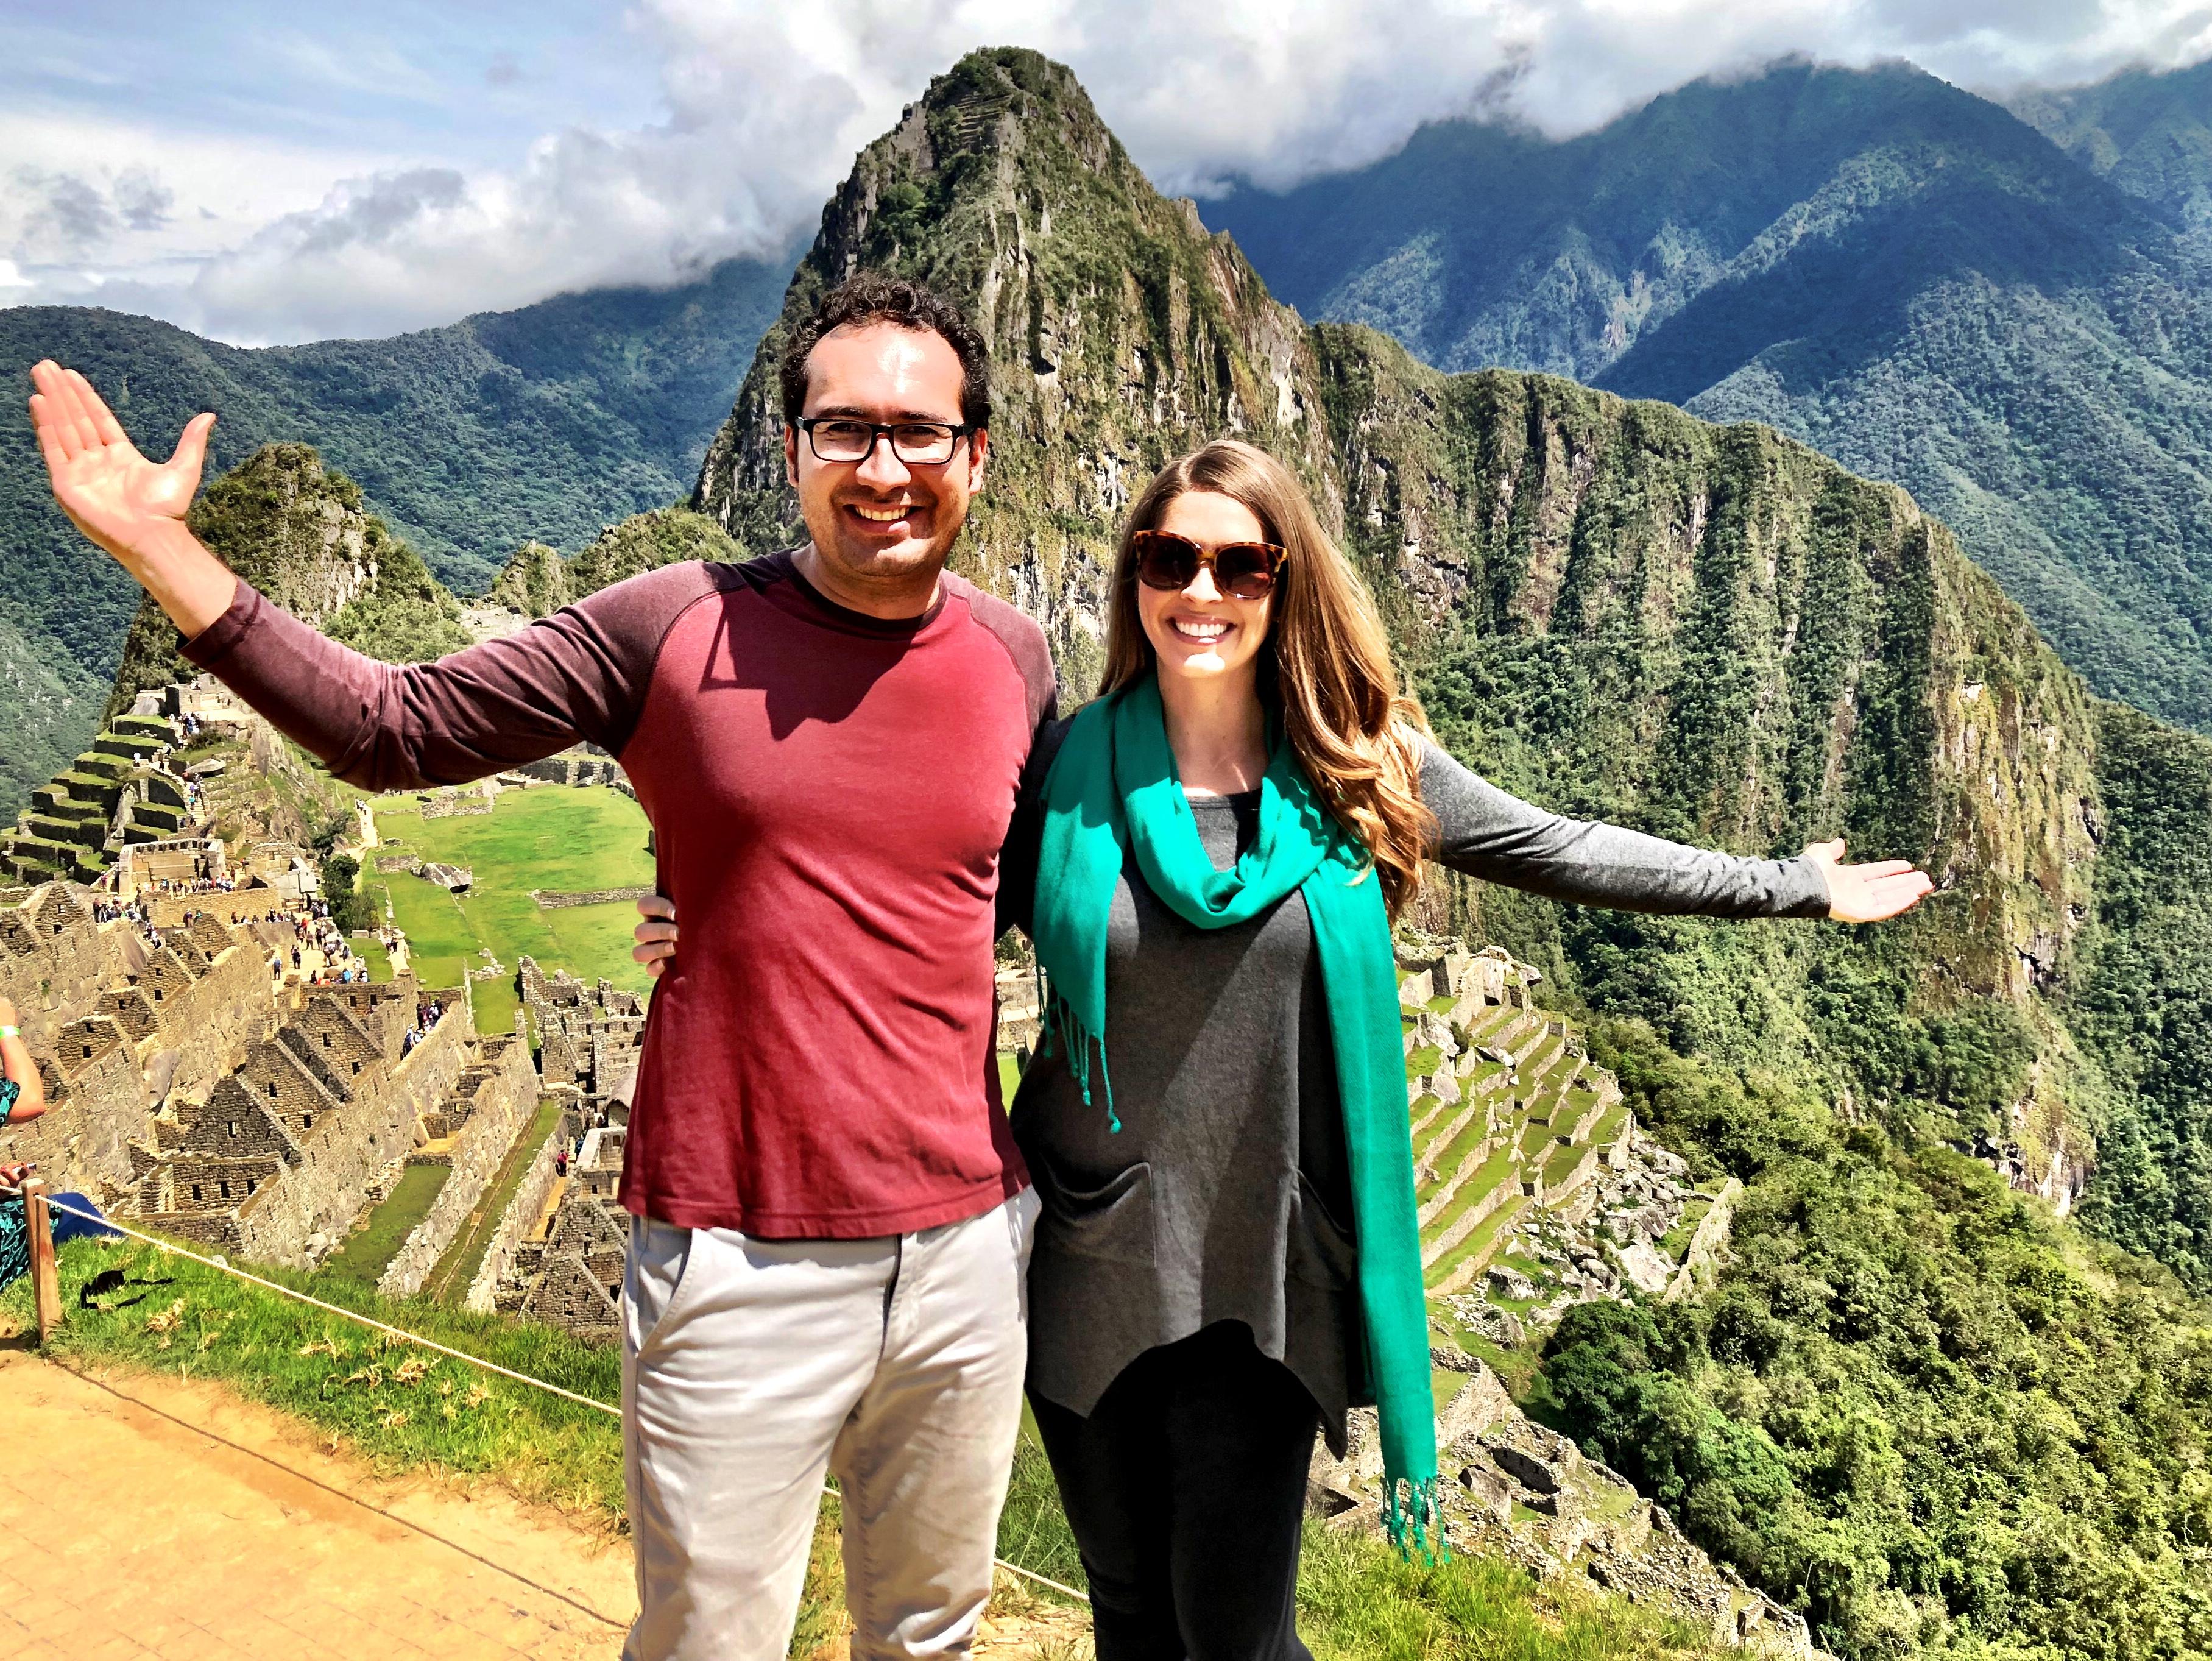 Experience Machu Picchu in Peru